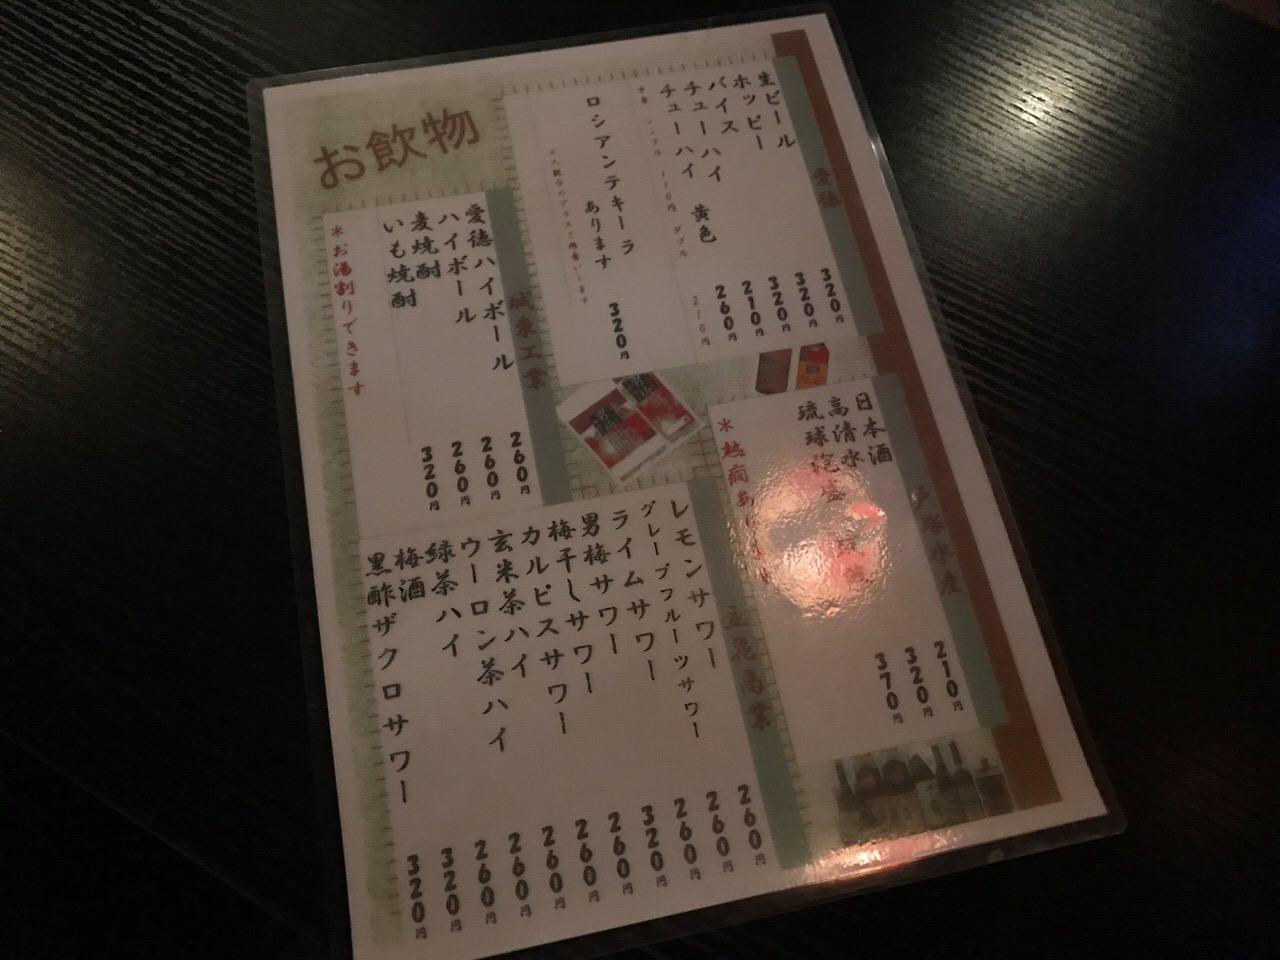 Hirai 5063